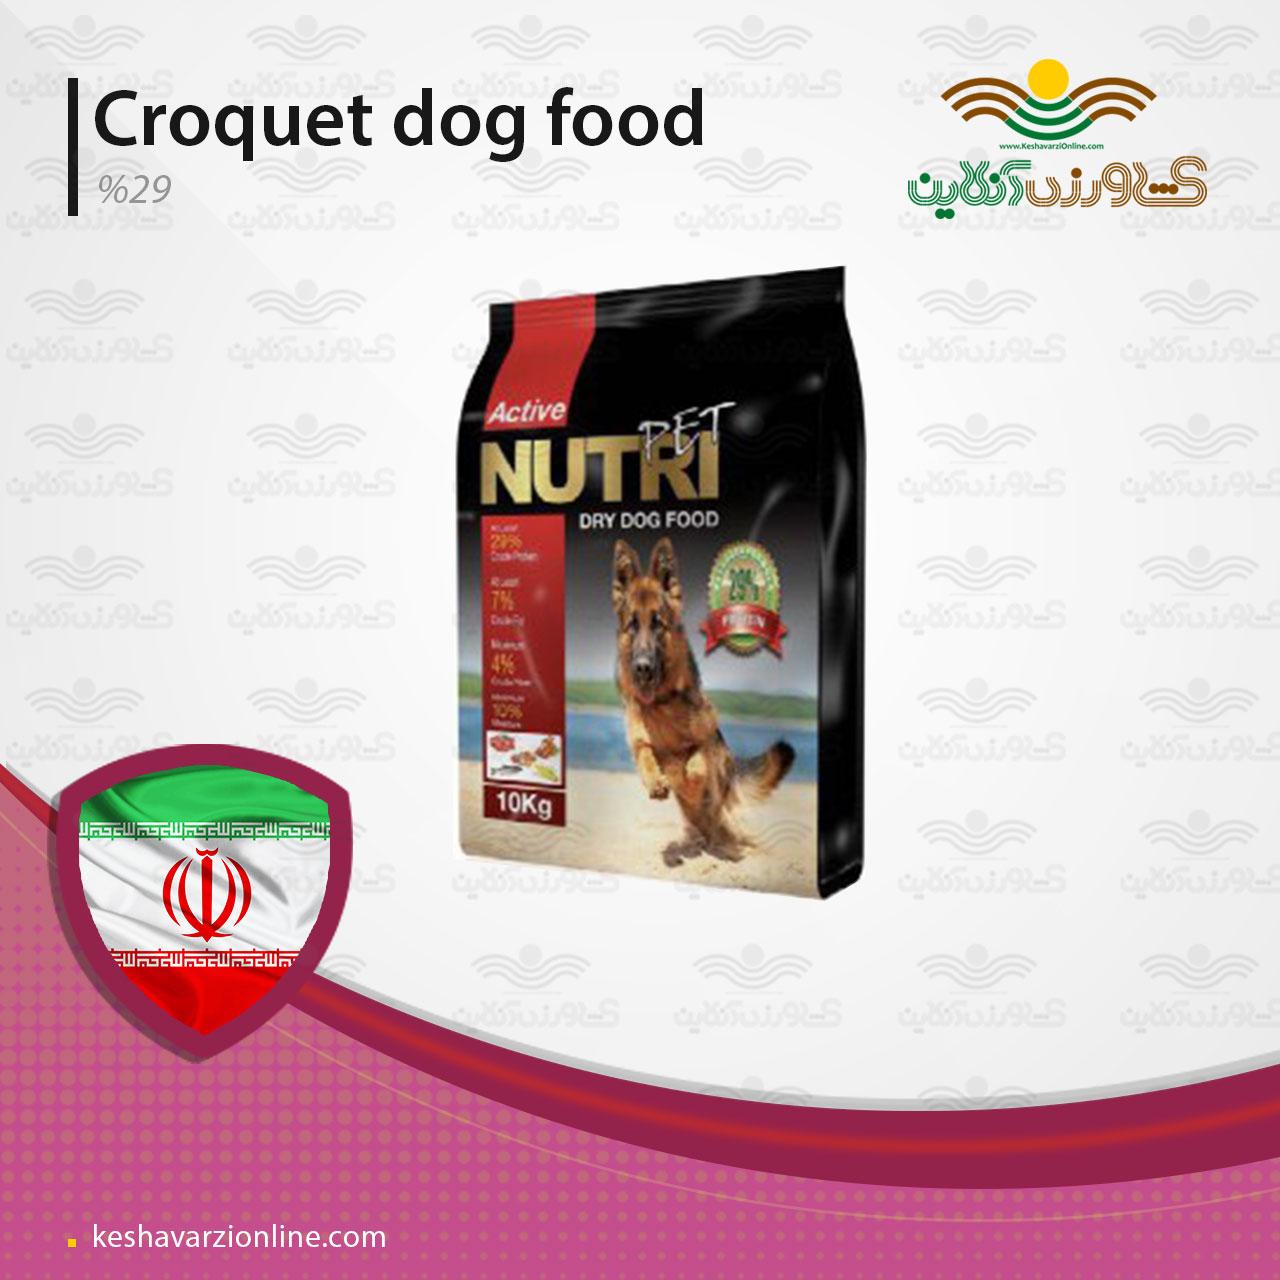 پت شاپ غذای سگ کروکت 29 درصد